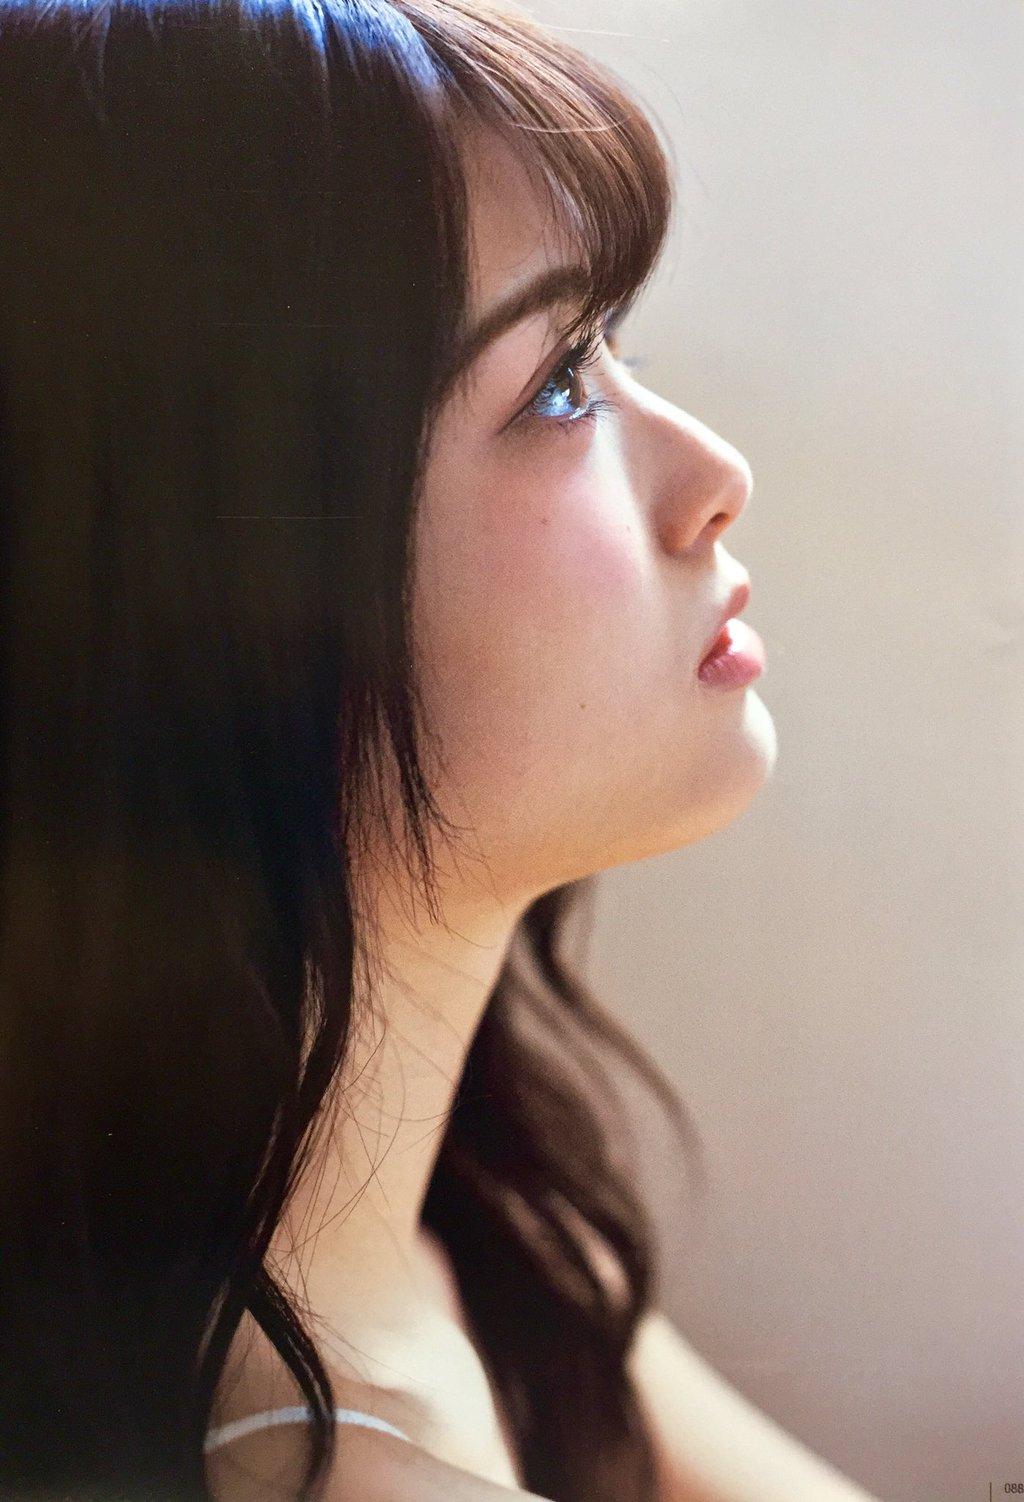 乃木坂46松村沙友理(25)写真集の抜ける下着姿エロ画像130枚・27枚目の画像